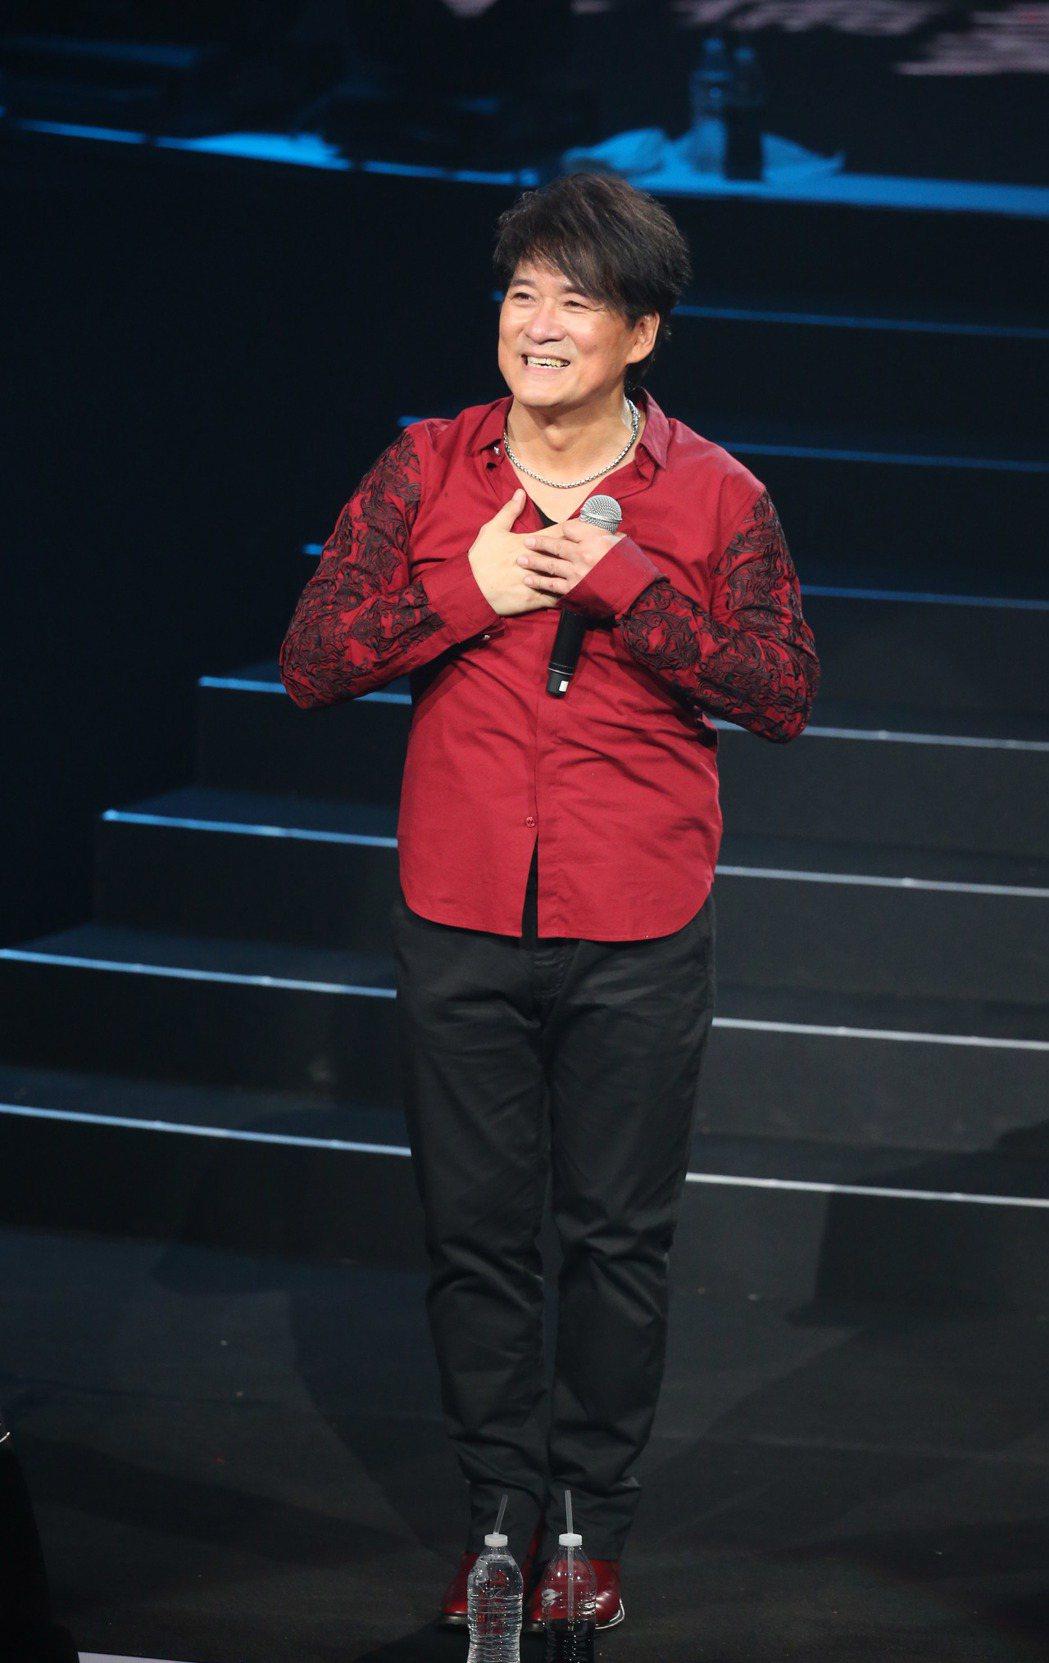 周華健在台北小巨蛋開唱。記者陳瑞源/攝影